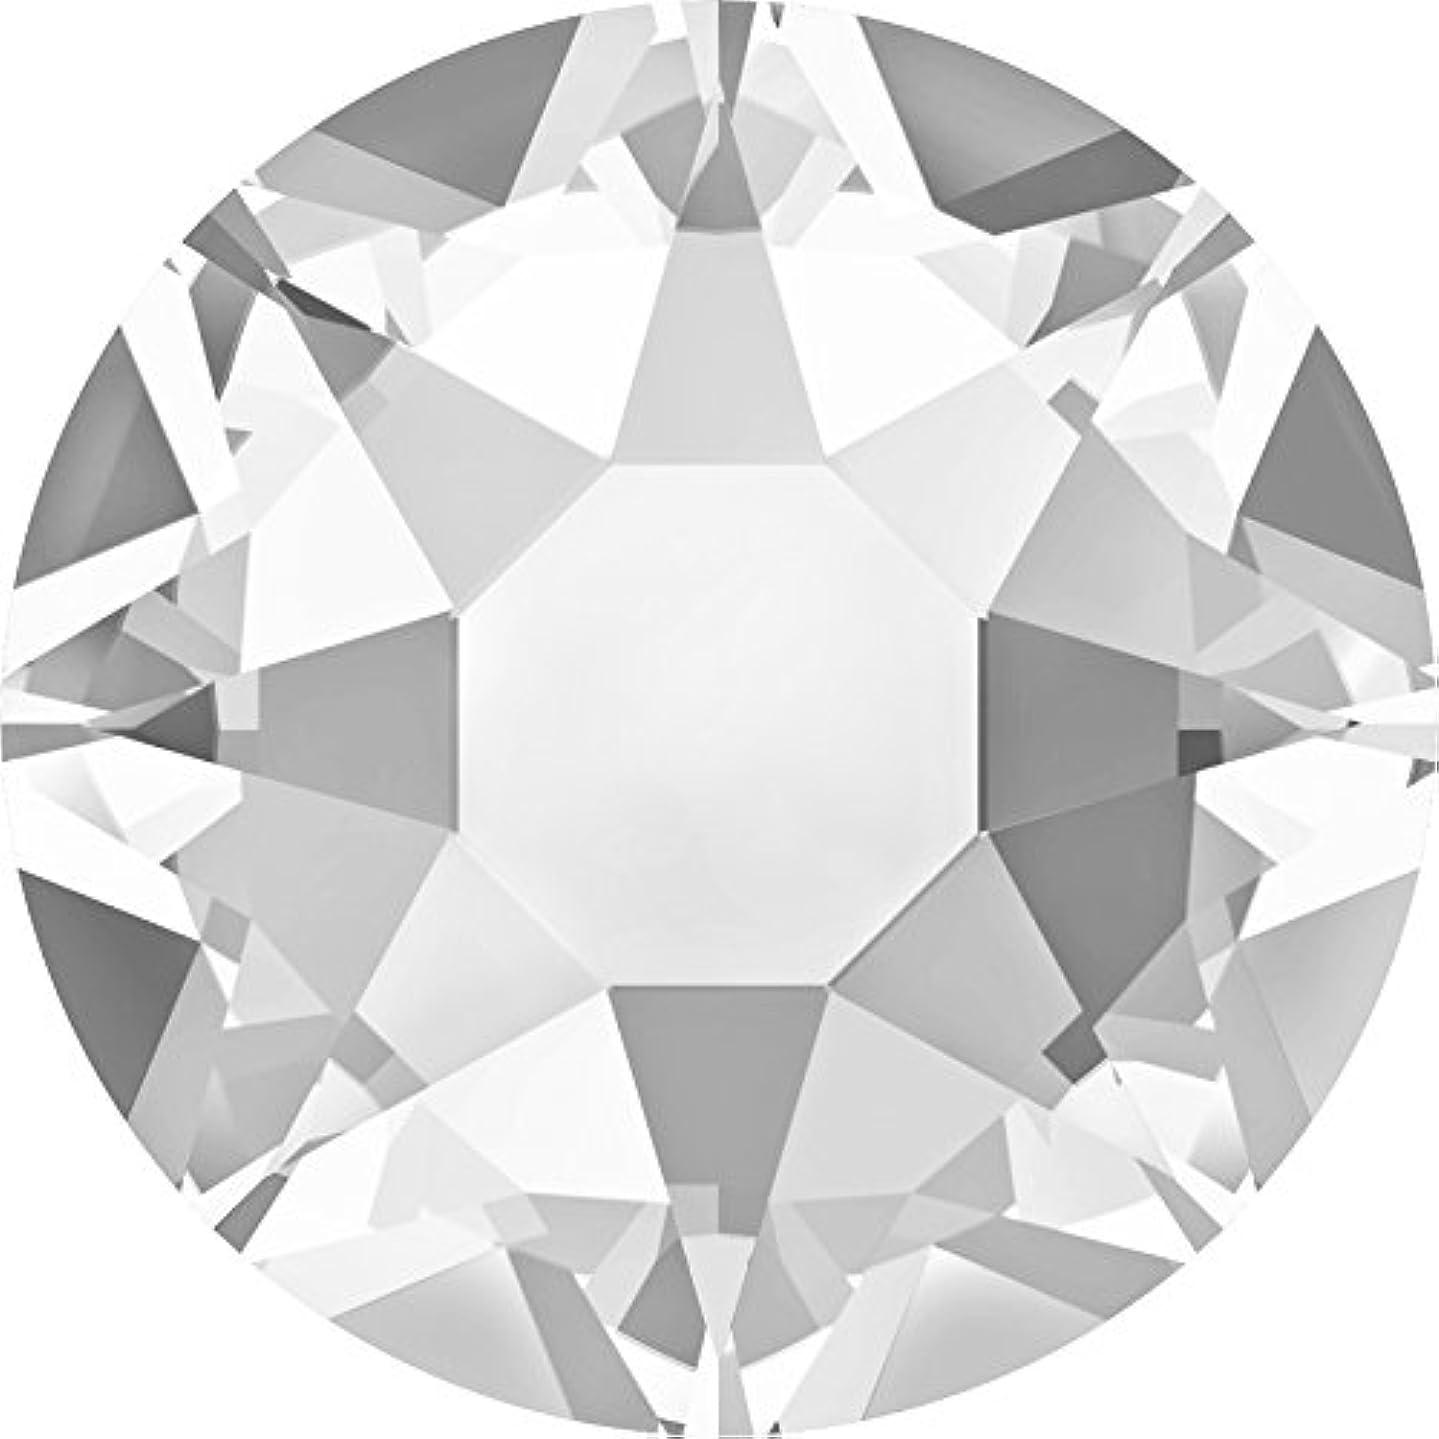 医学是正するトランペットスワロフスキー(Swarovski) クリスタライズ ラインストーン 【ホットフィックス】布用スワロ (SS12(約3mm)40粒入, クリスタル)